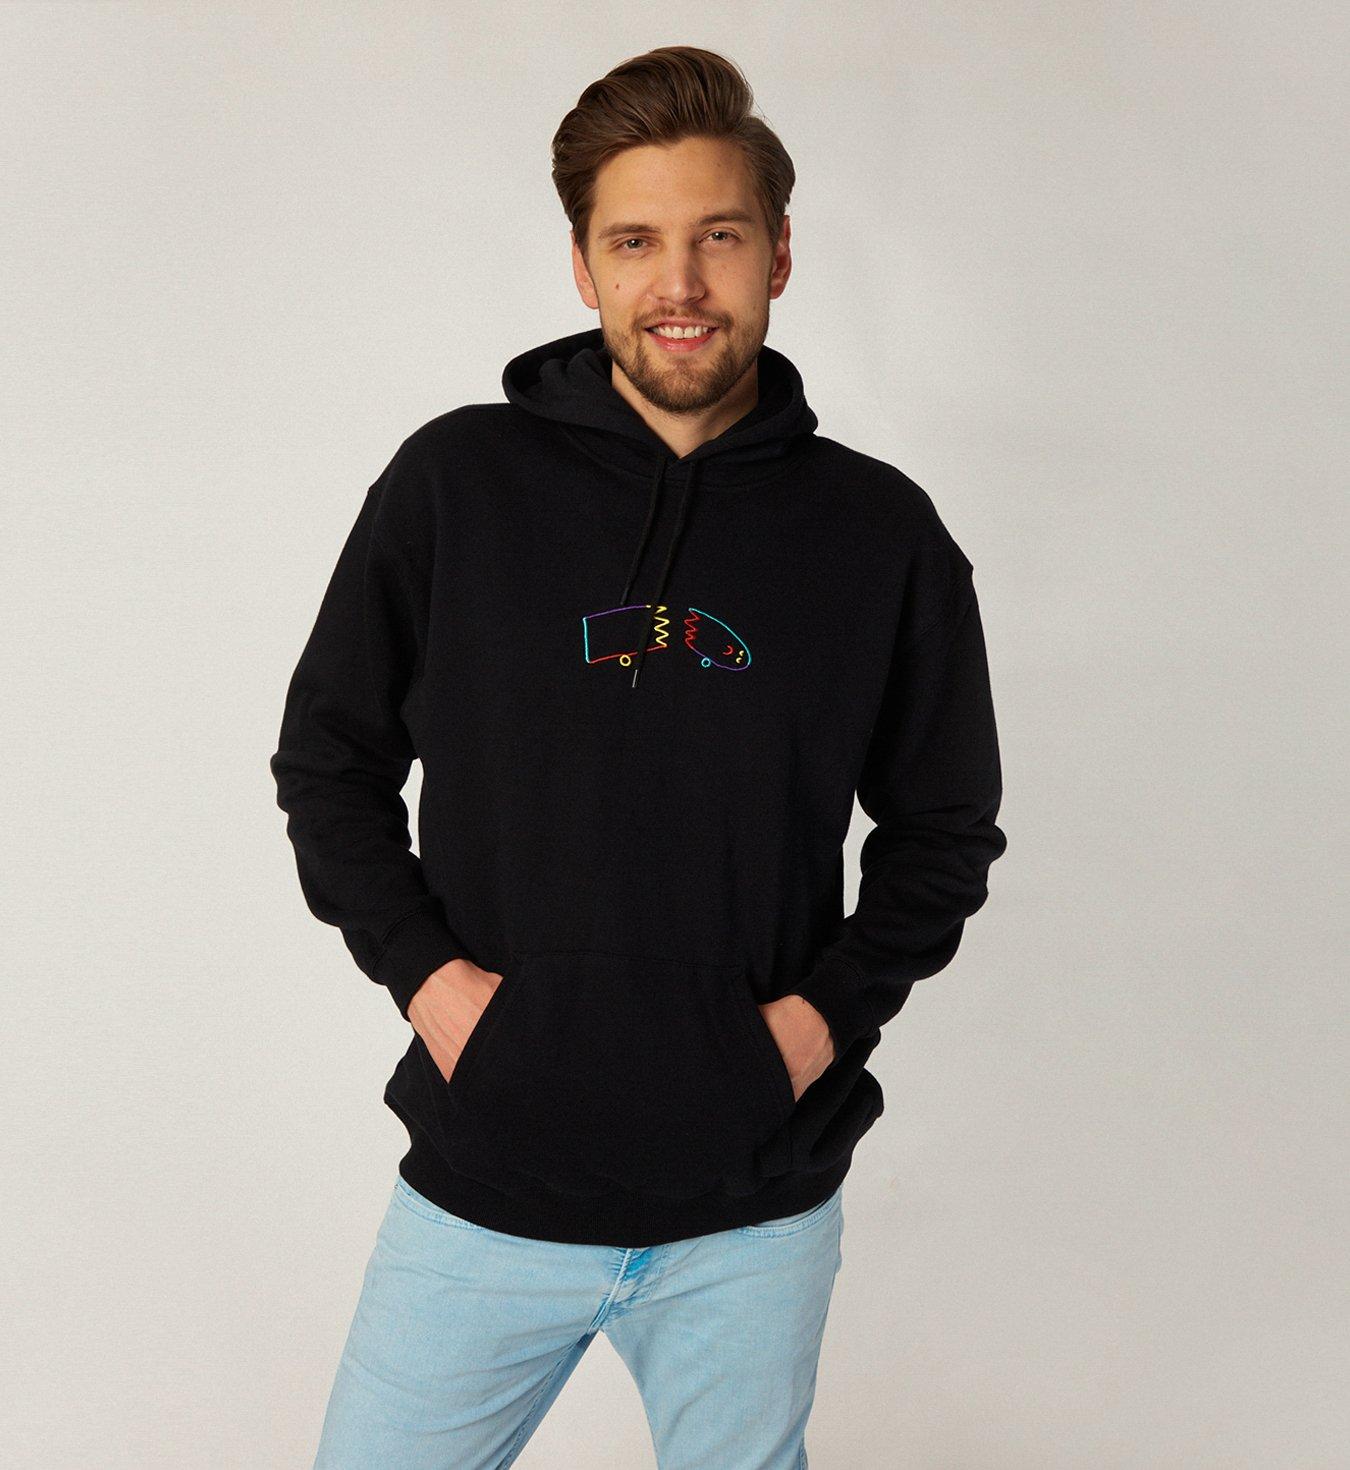 Brixton Broke Hooded Fleece Black | Mężczyzna \ Marki \ Brixton Nowości Odzież \ Bluzy Mężczyzna \ Odzież \ Bluzy Summer Sale Mężczyzna ...